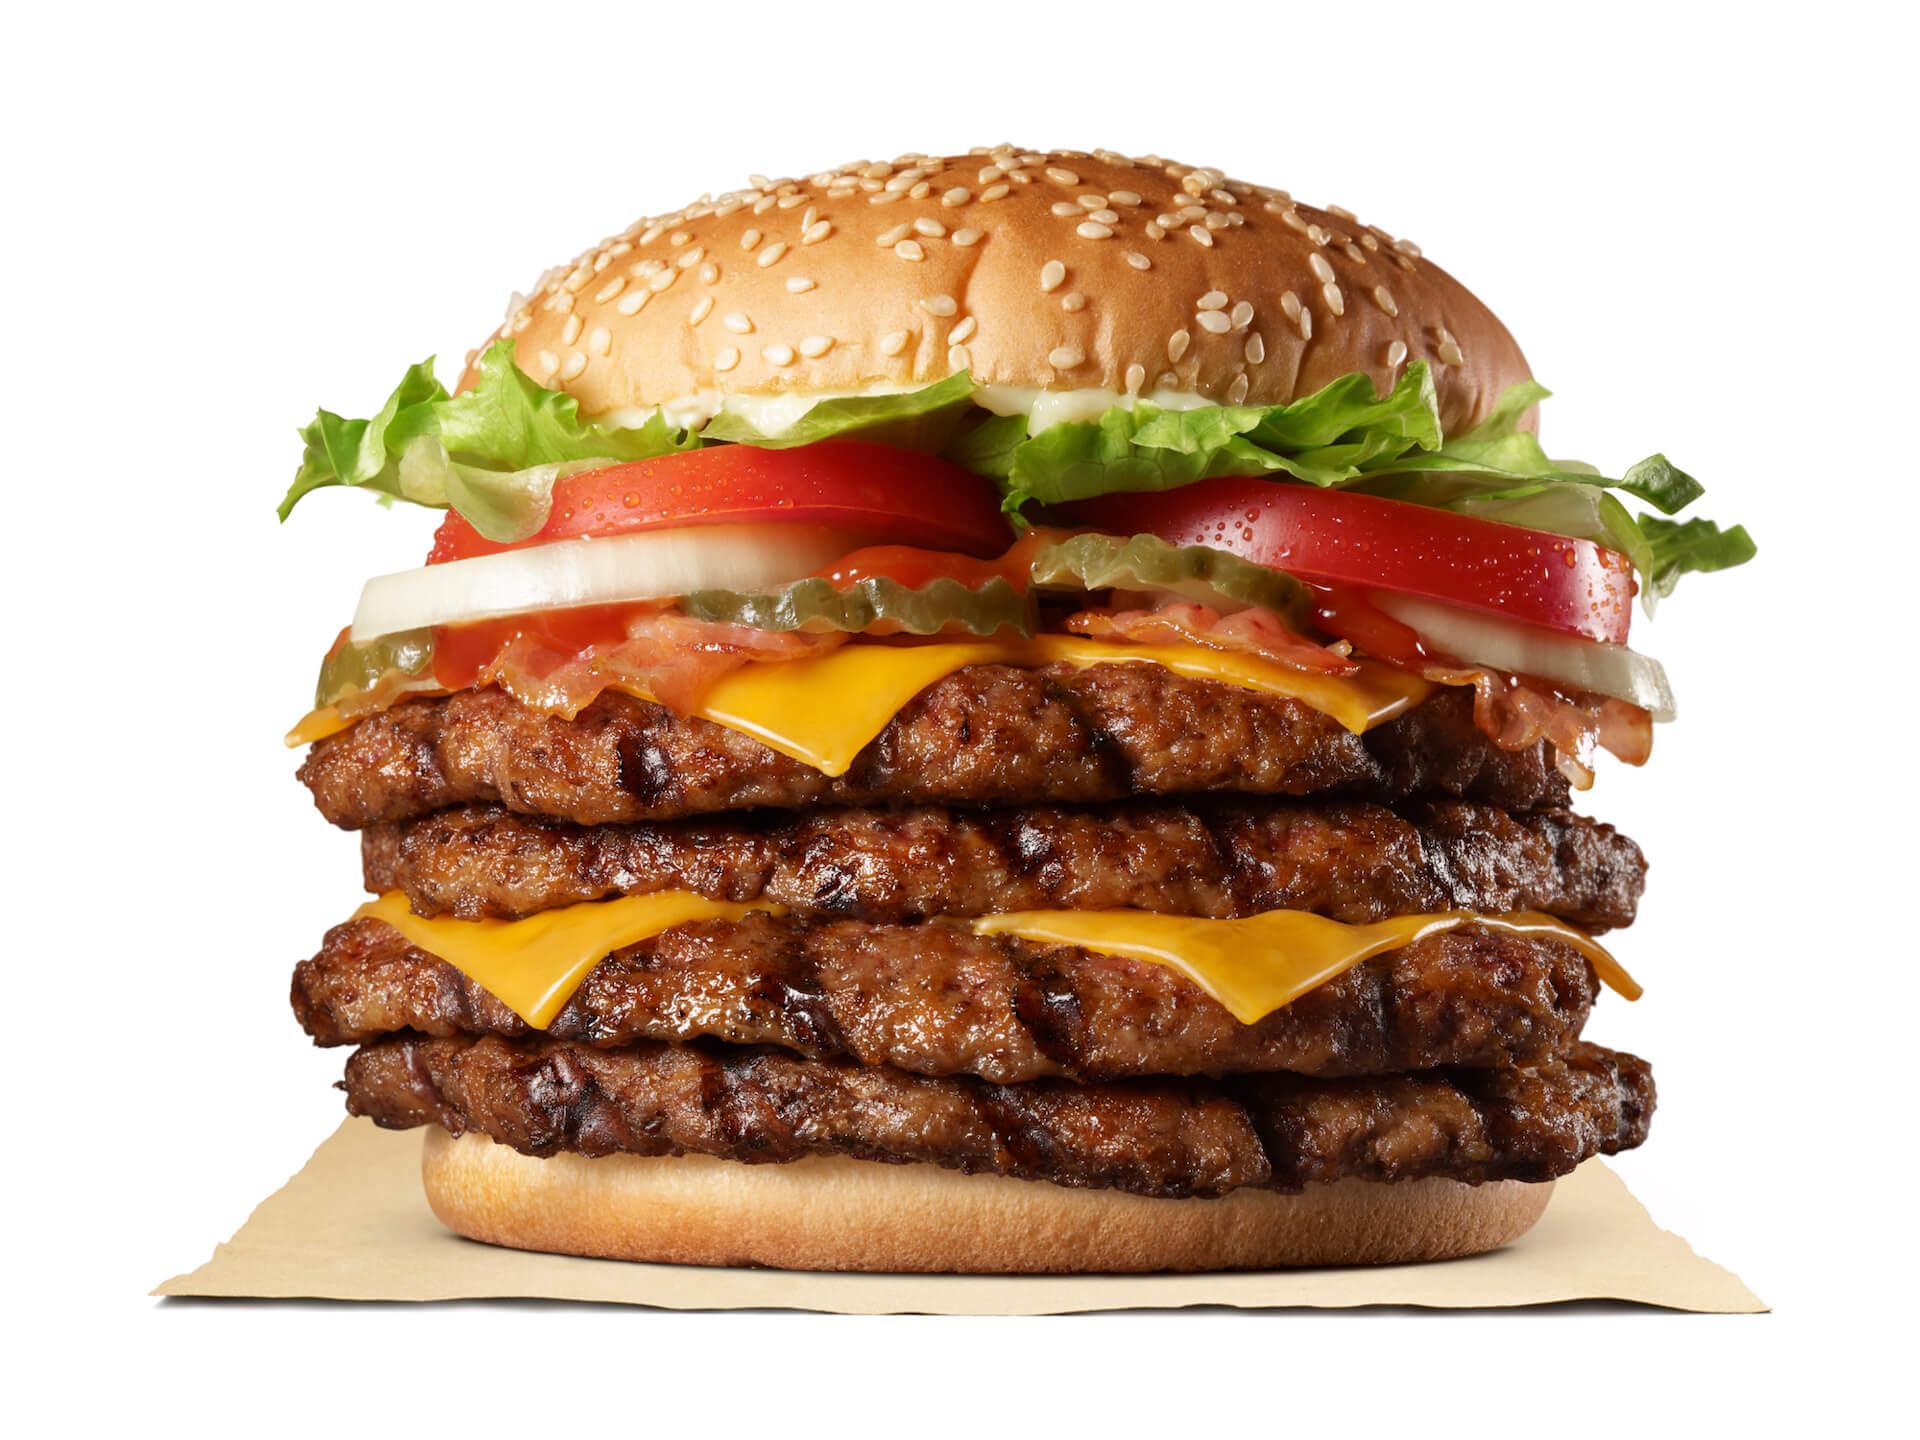 バーガーキングの人気シリーズ・ワンパウンドビーフバーガーが超パワーアップ!総重量607gの『マキシマム超ワンパウンドビーフバーガー』が数量限定発売 gourmet200721_burgerking_5